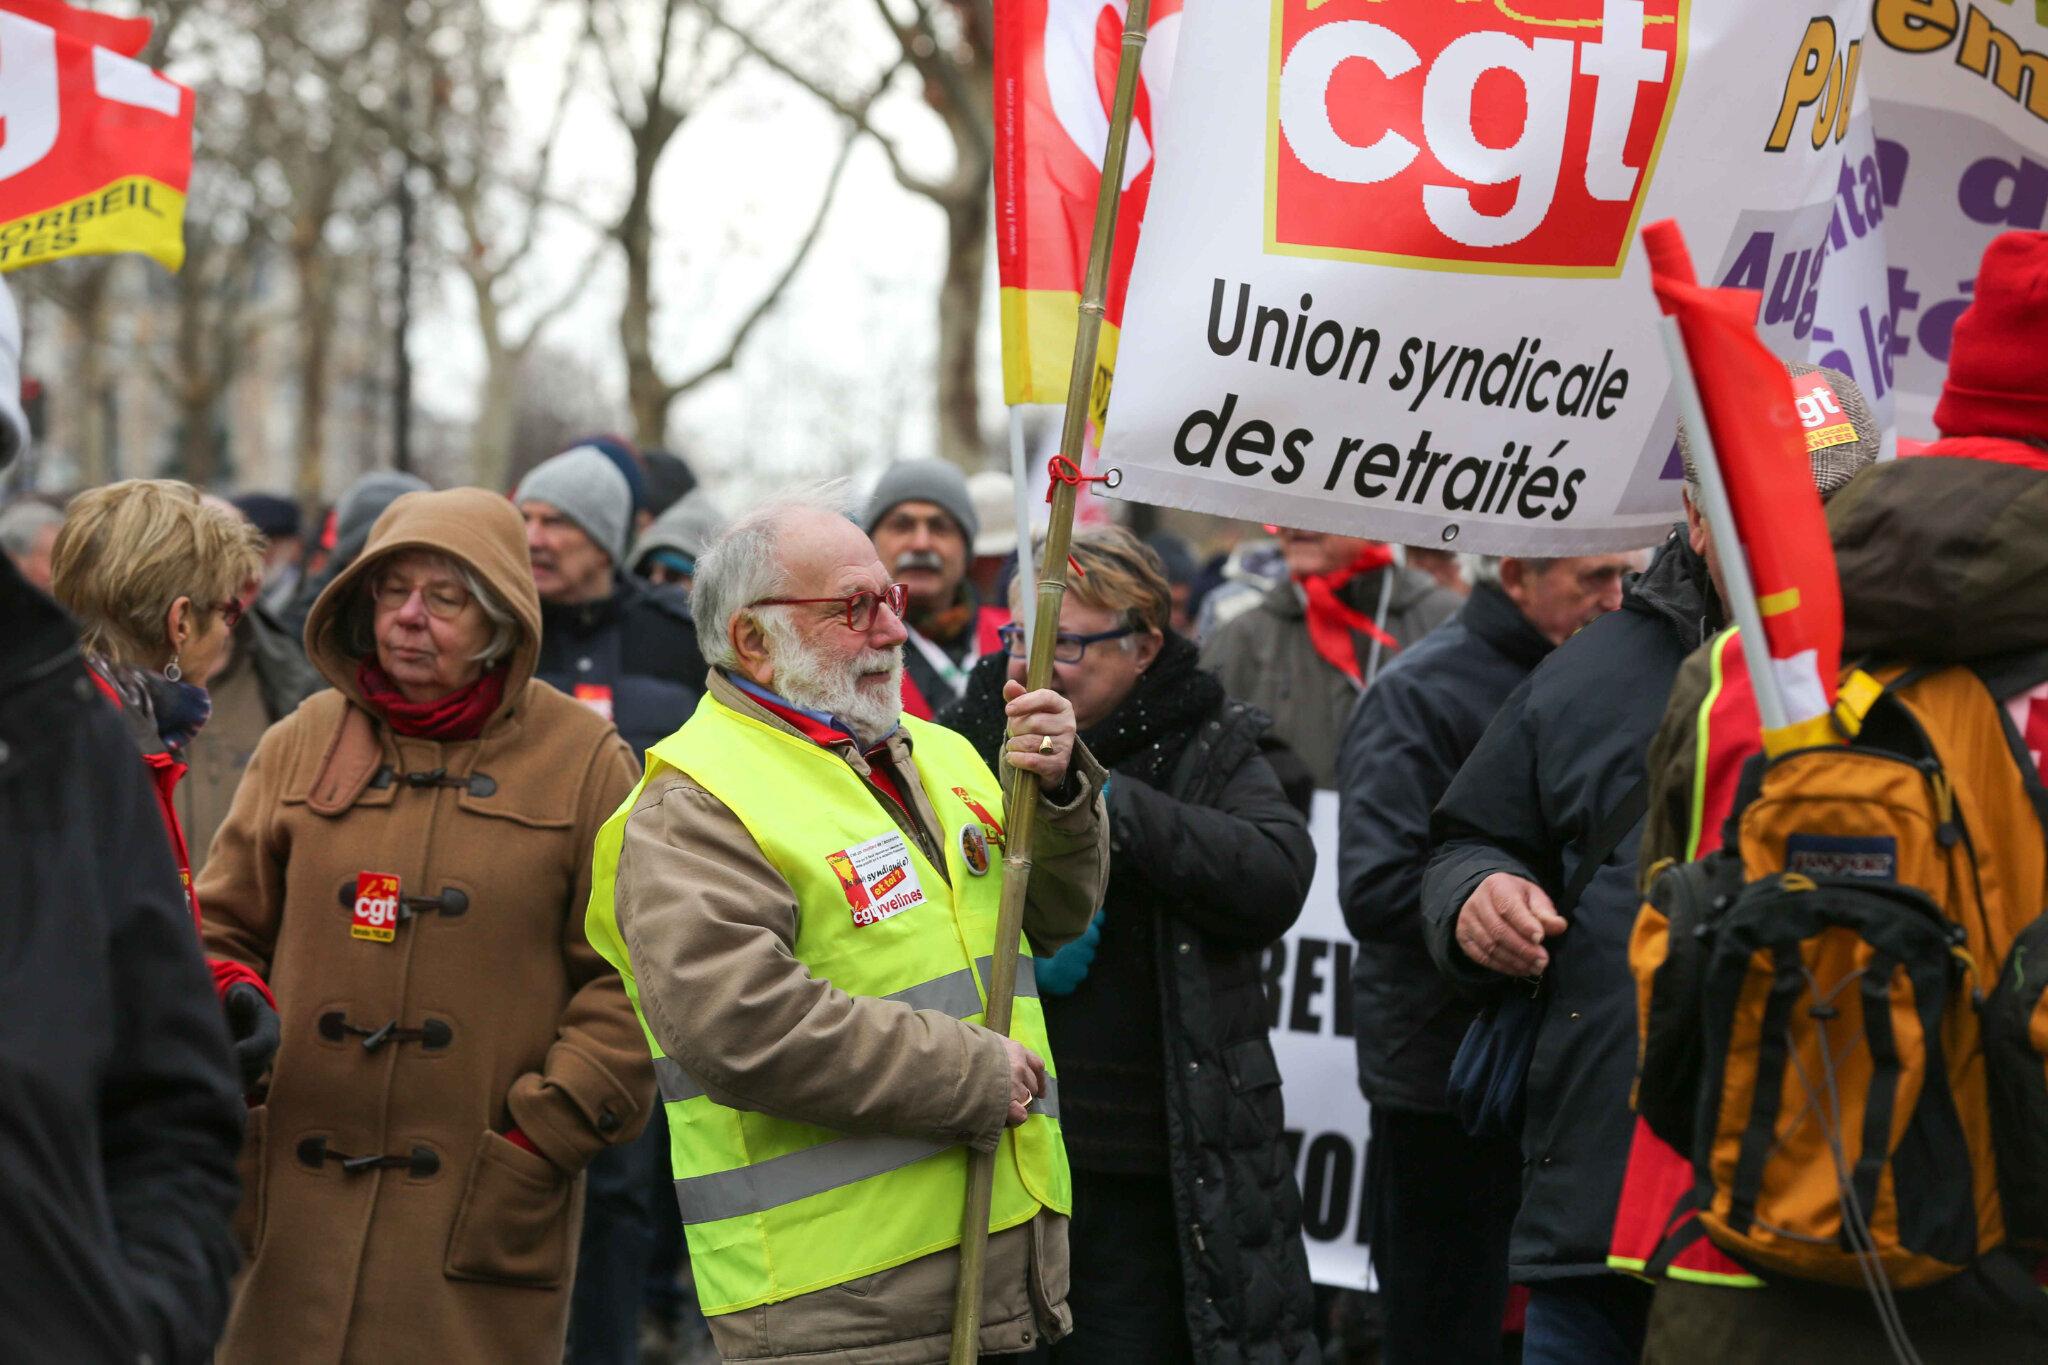 Retraités : « le coût de la vie ne cesse d'augmenter et nos pensions de baisser ». © Michel Stoupak. Jeu 31.01.2019, 14h53m14.